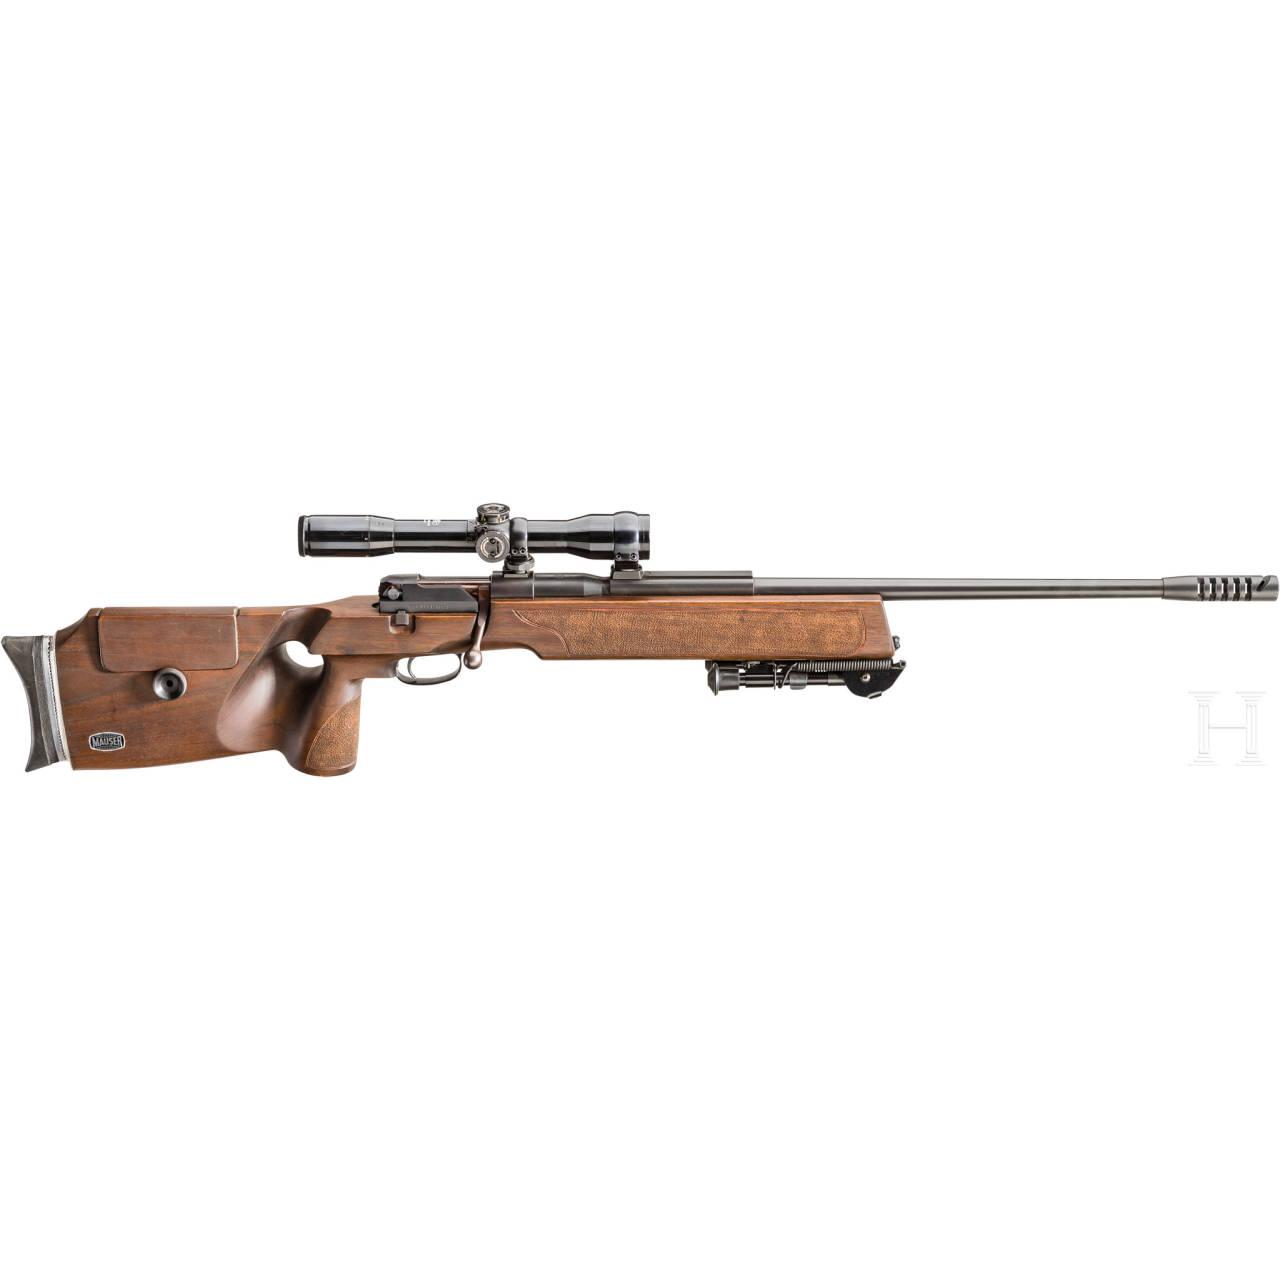 Scharfschützengewehr Mauser SP 66, mit ZF Zeiss